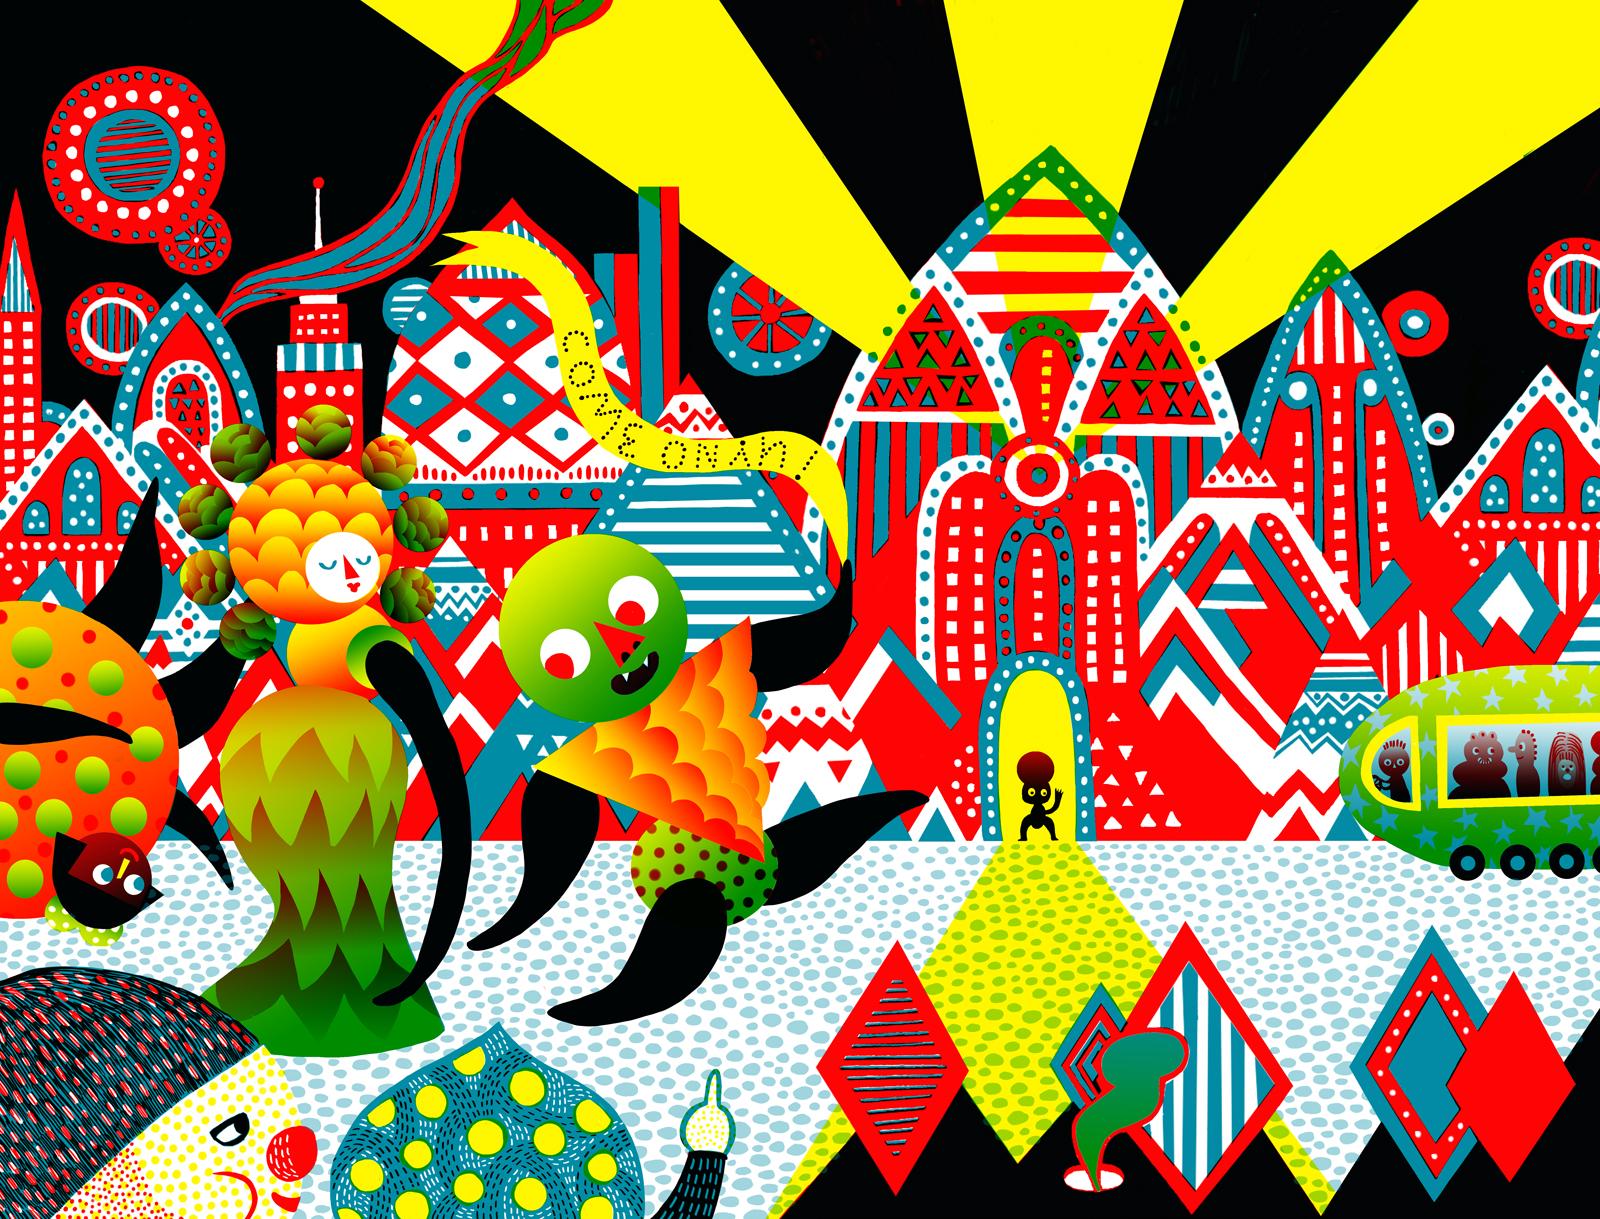 Le Fenetre ArtCenter Poster